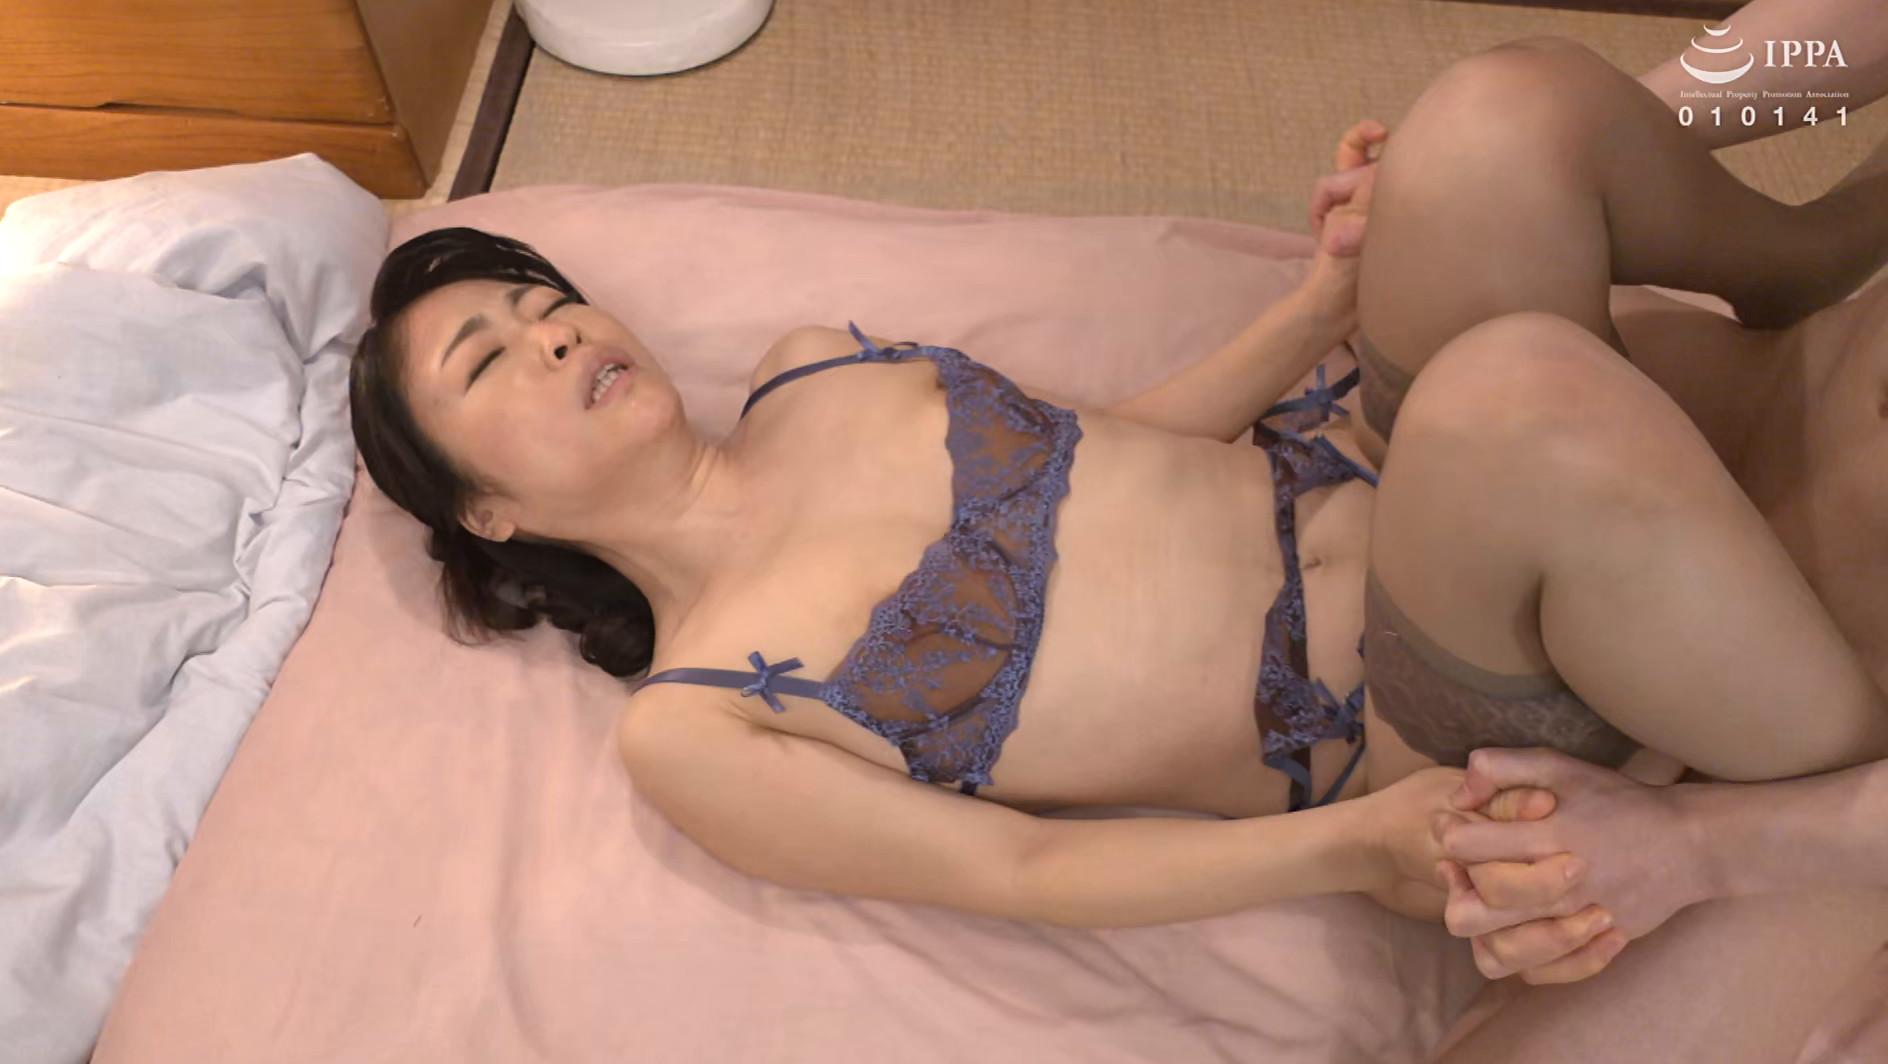 彼女の母親がエロ下着と中出しで彼氏を誘惑しはじめた 青山涼香 四十六歳 画像11